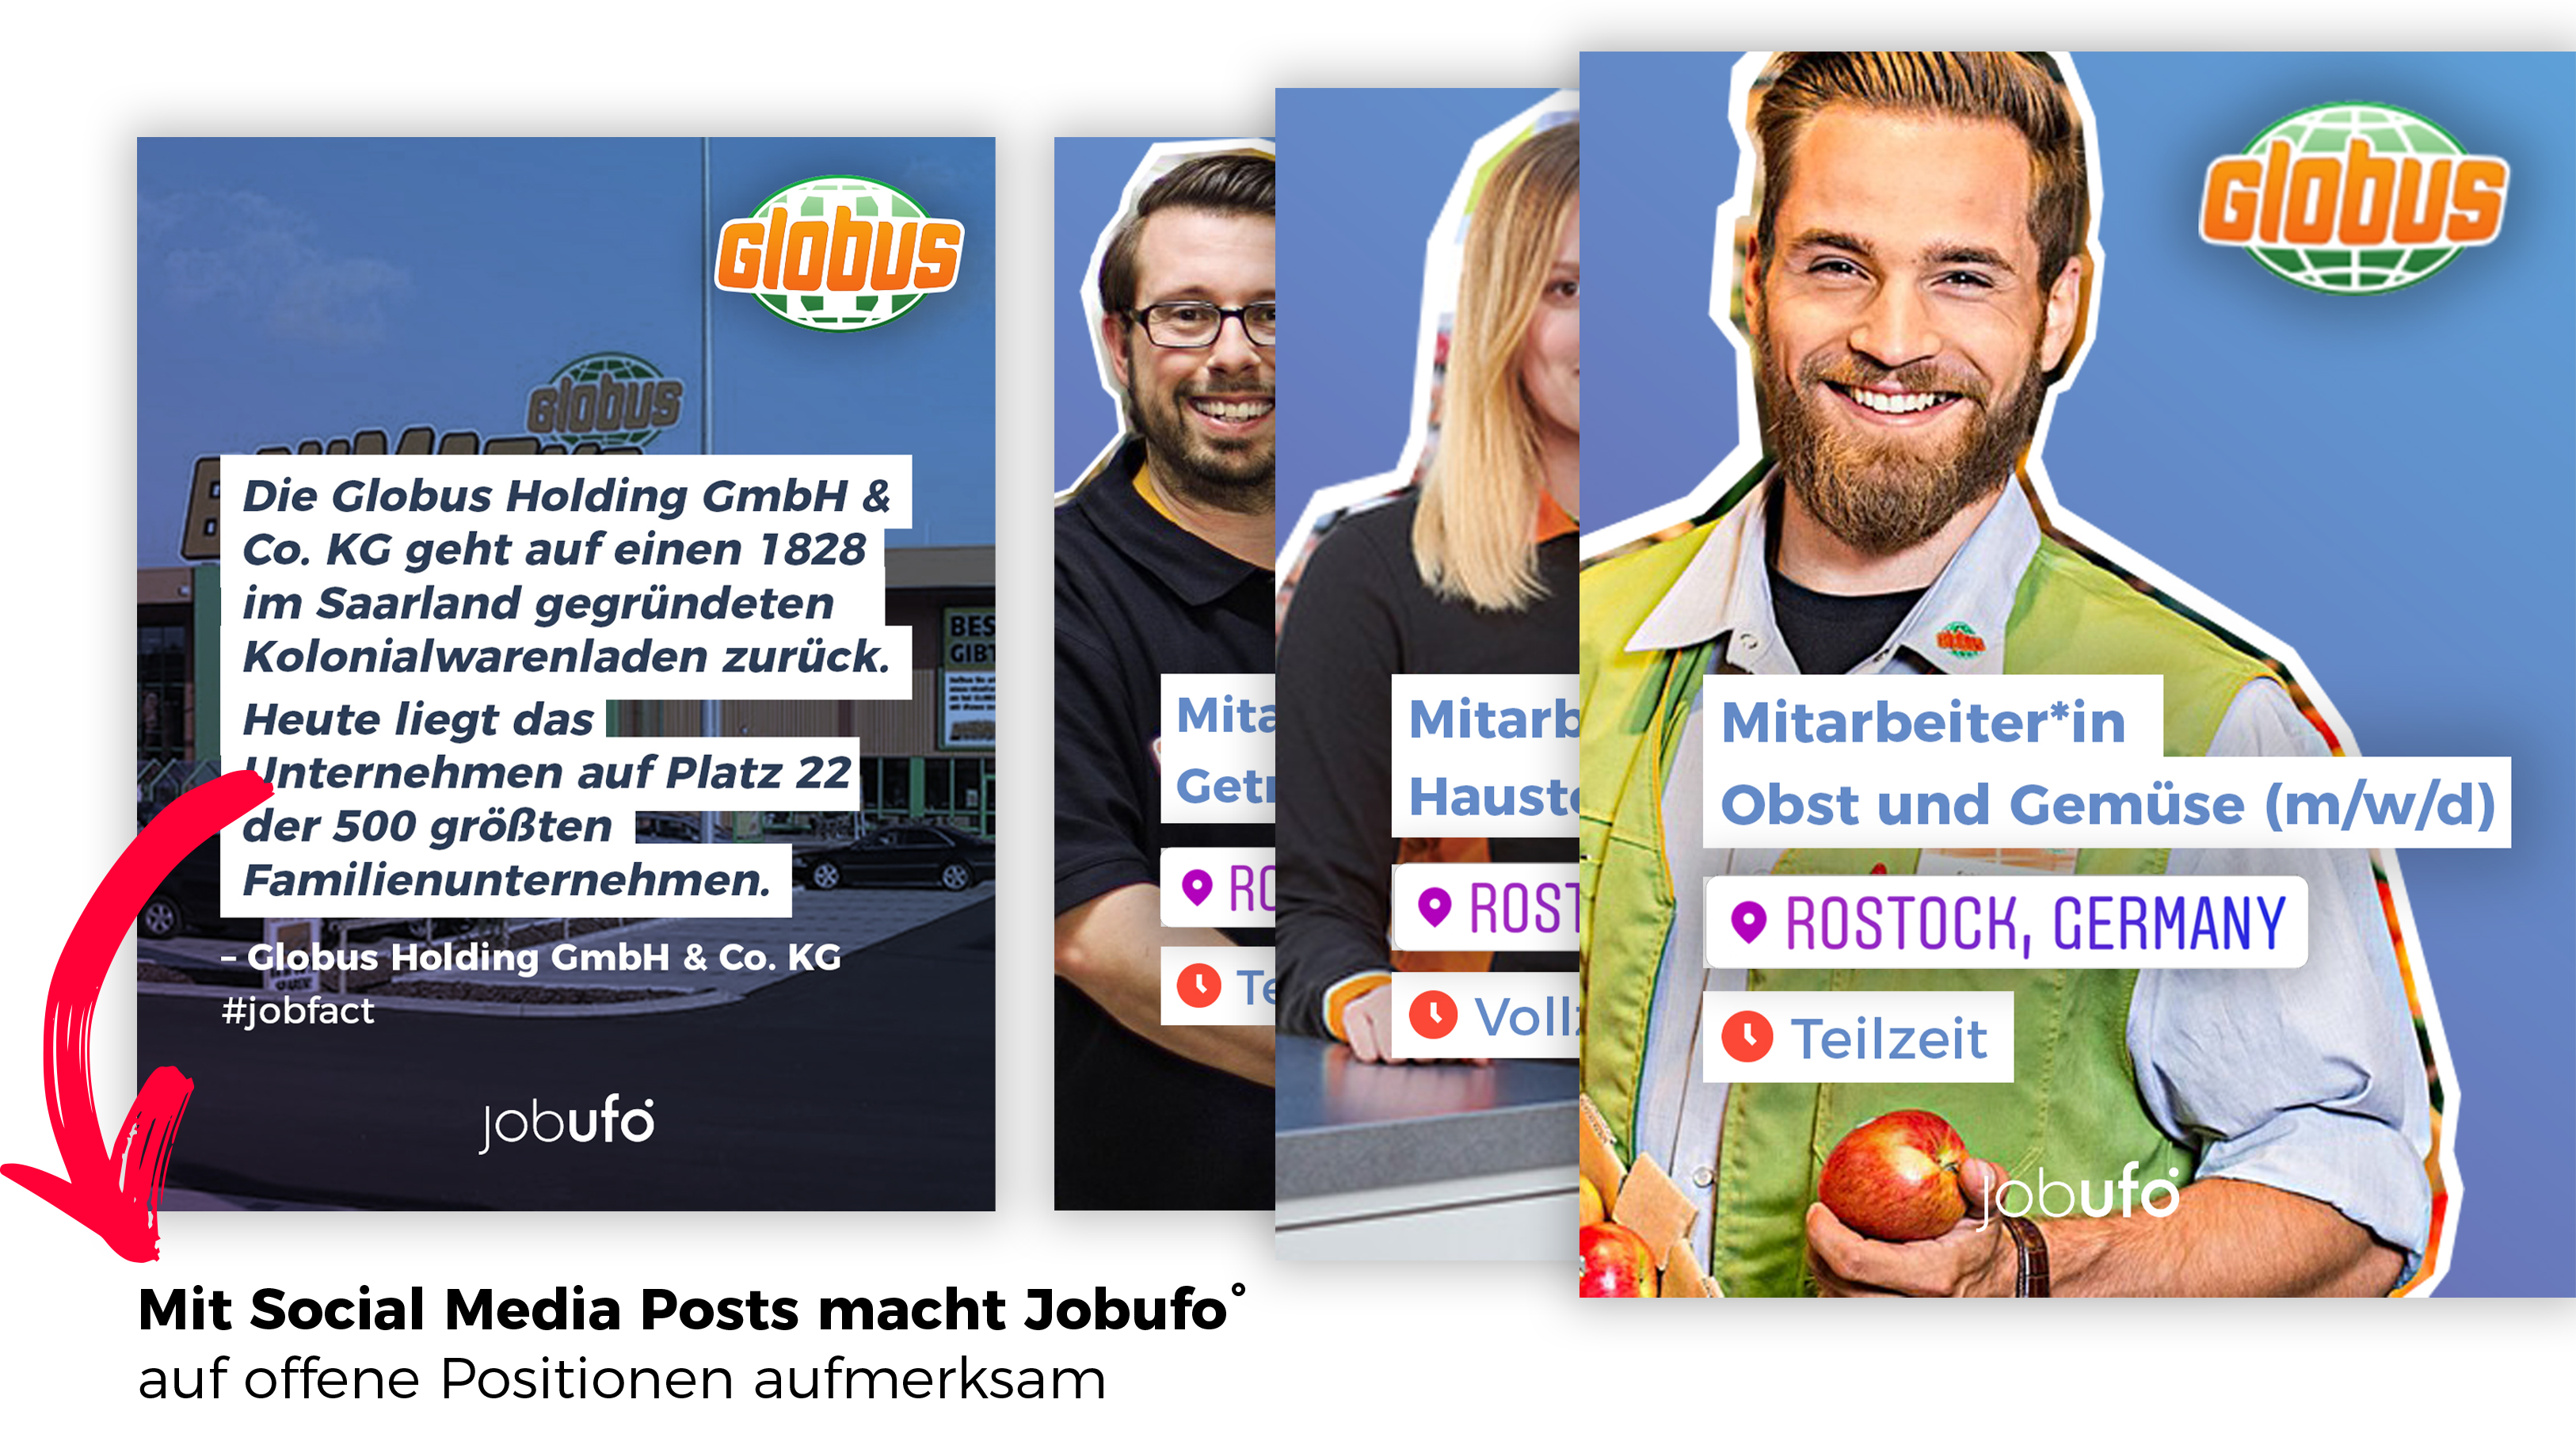 Globus_jobfact_Blogbeitrag